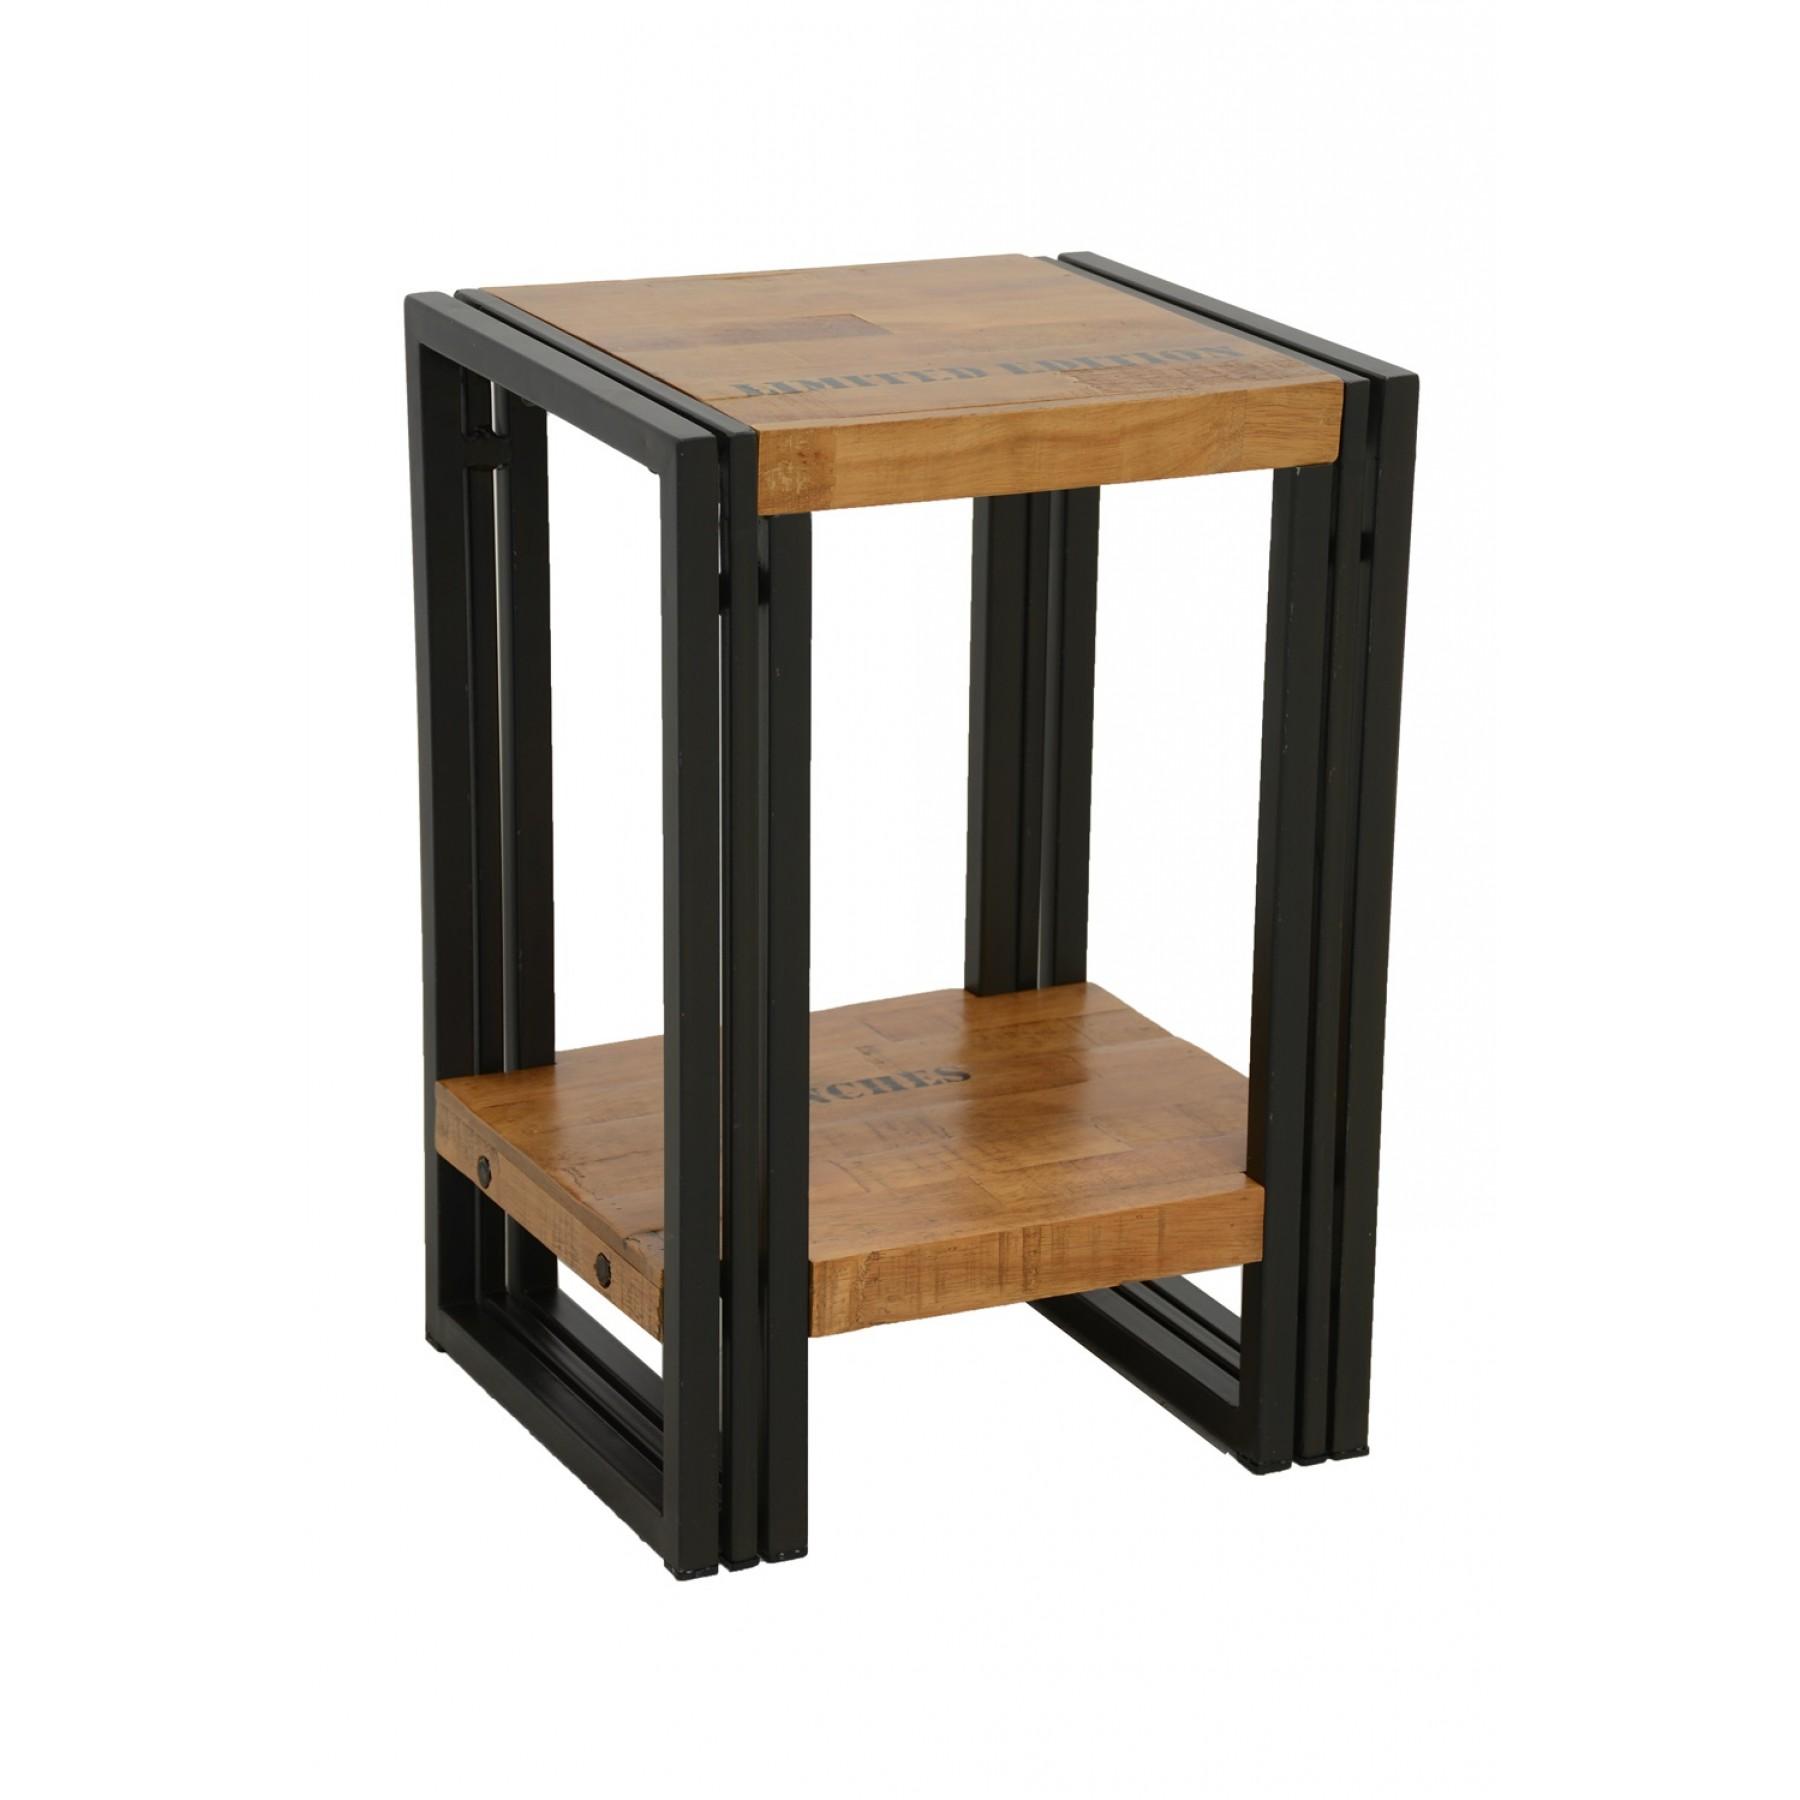 Naturelle Table Angle De Petite Finition Et Fer Canapé Design Avec Inscription Étagère Bois Ok8nPX0w